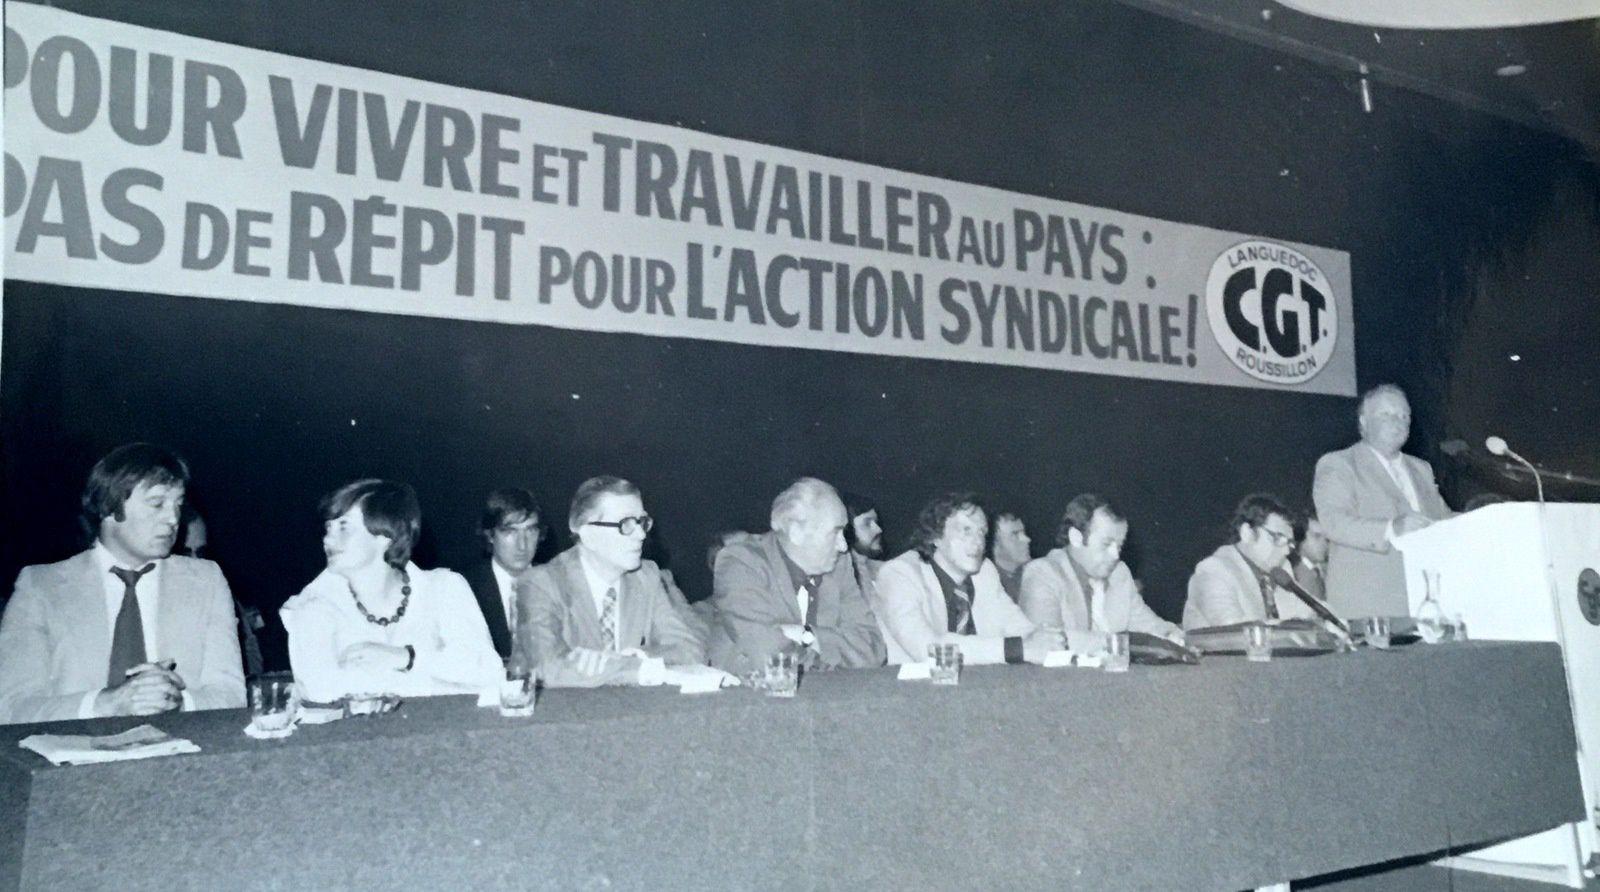 1977 : Georges Séguy secrétaire de la CGT à Montpellier